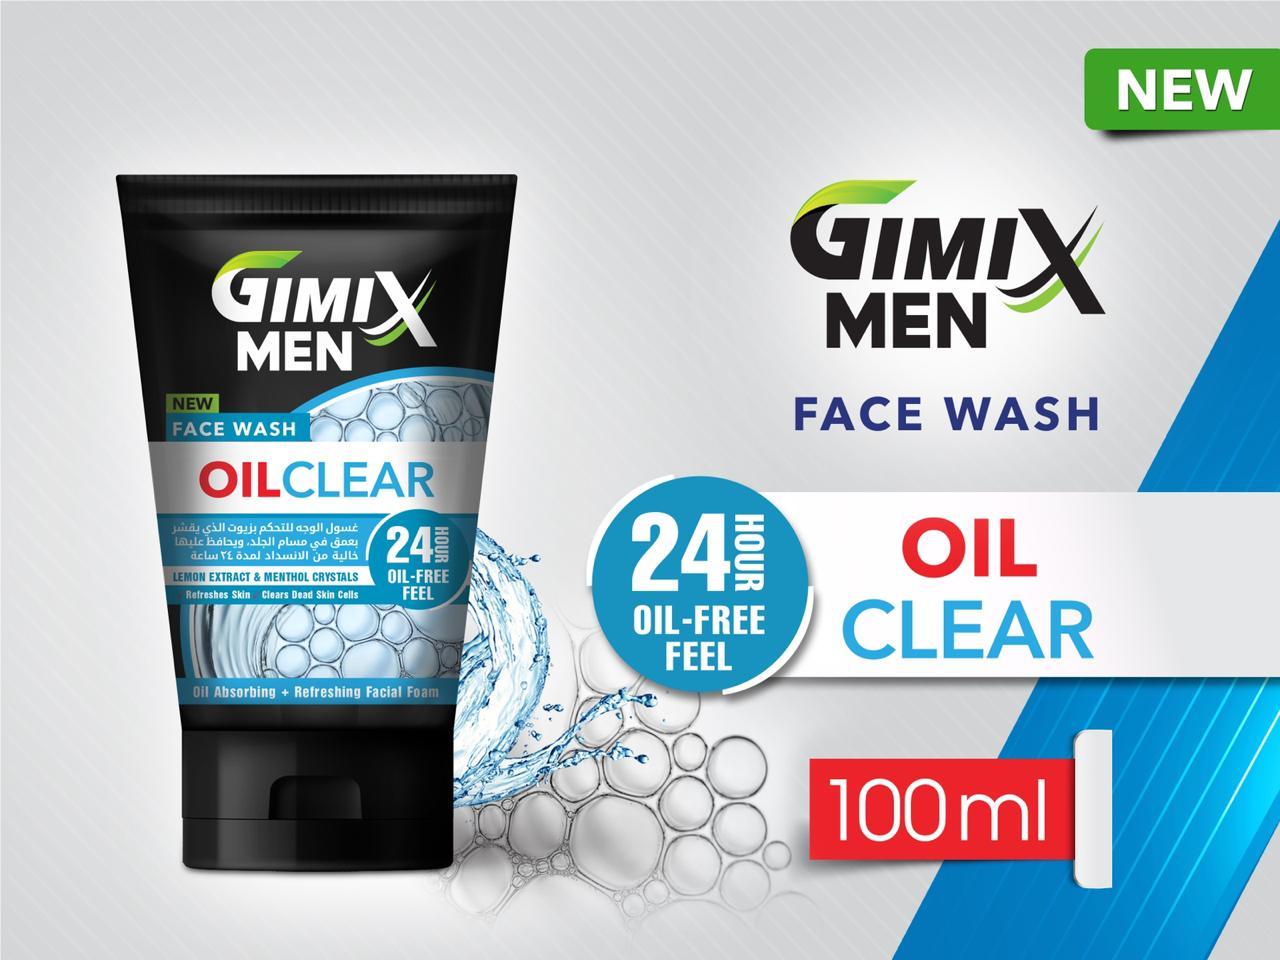 Gimix Men Oil Clean Face Wash